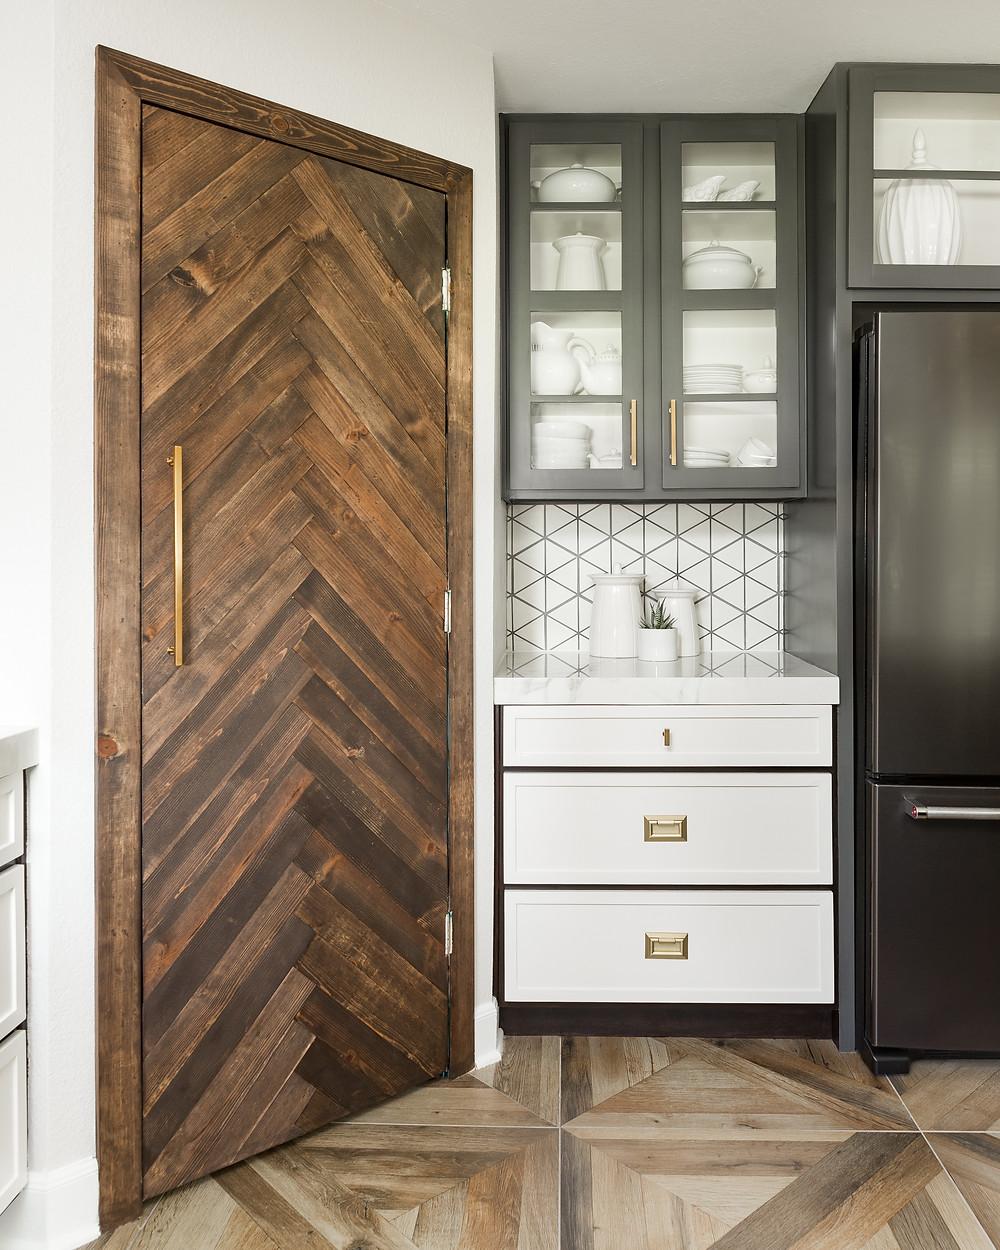 Tile porcelain kitchen floor with parquet design